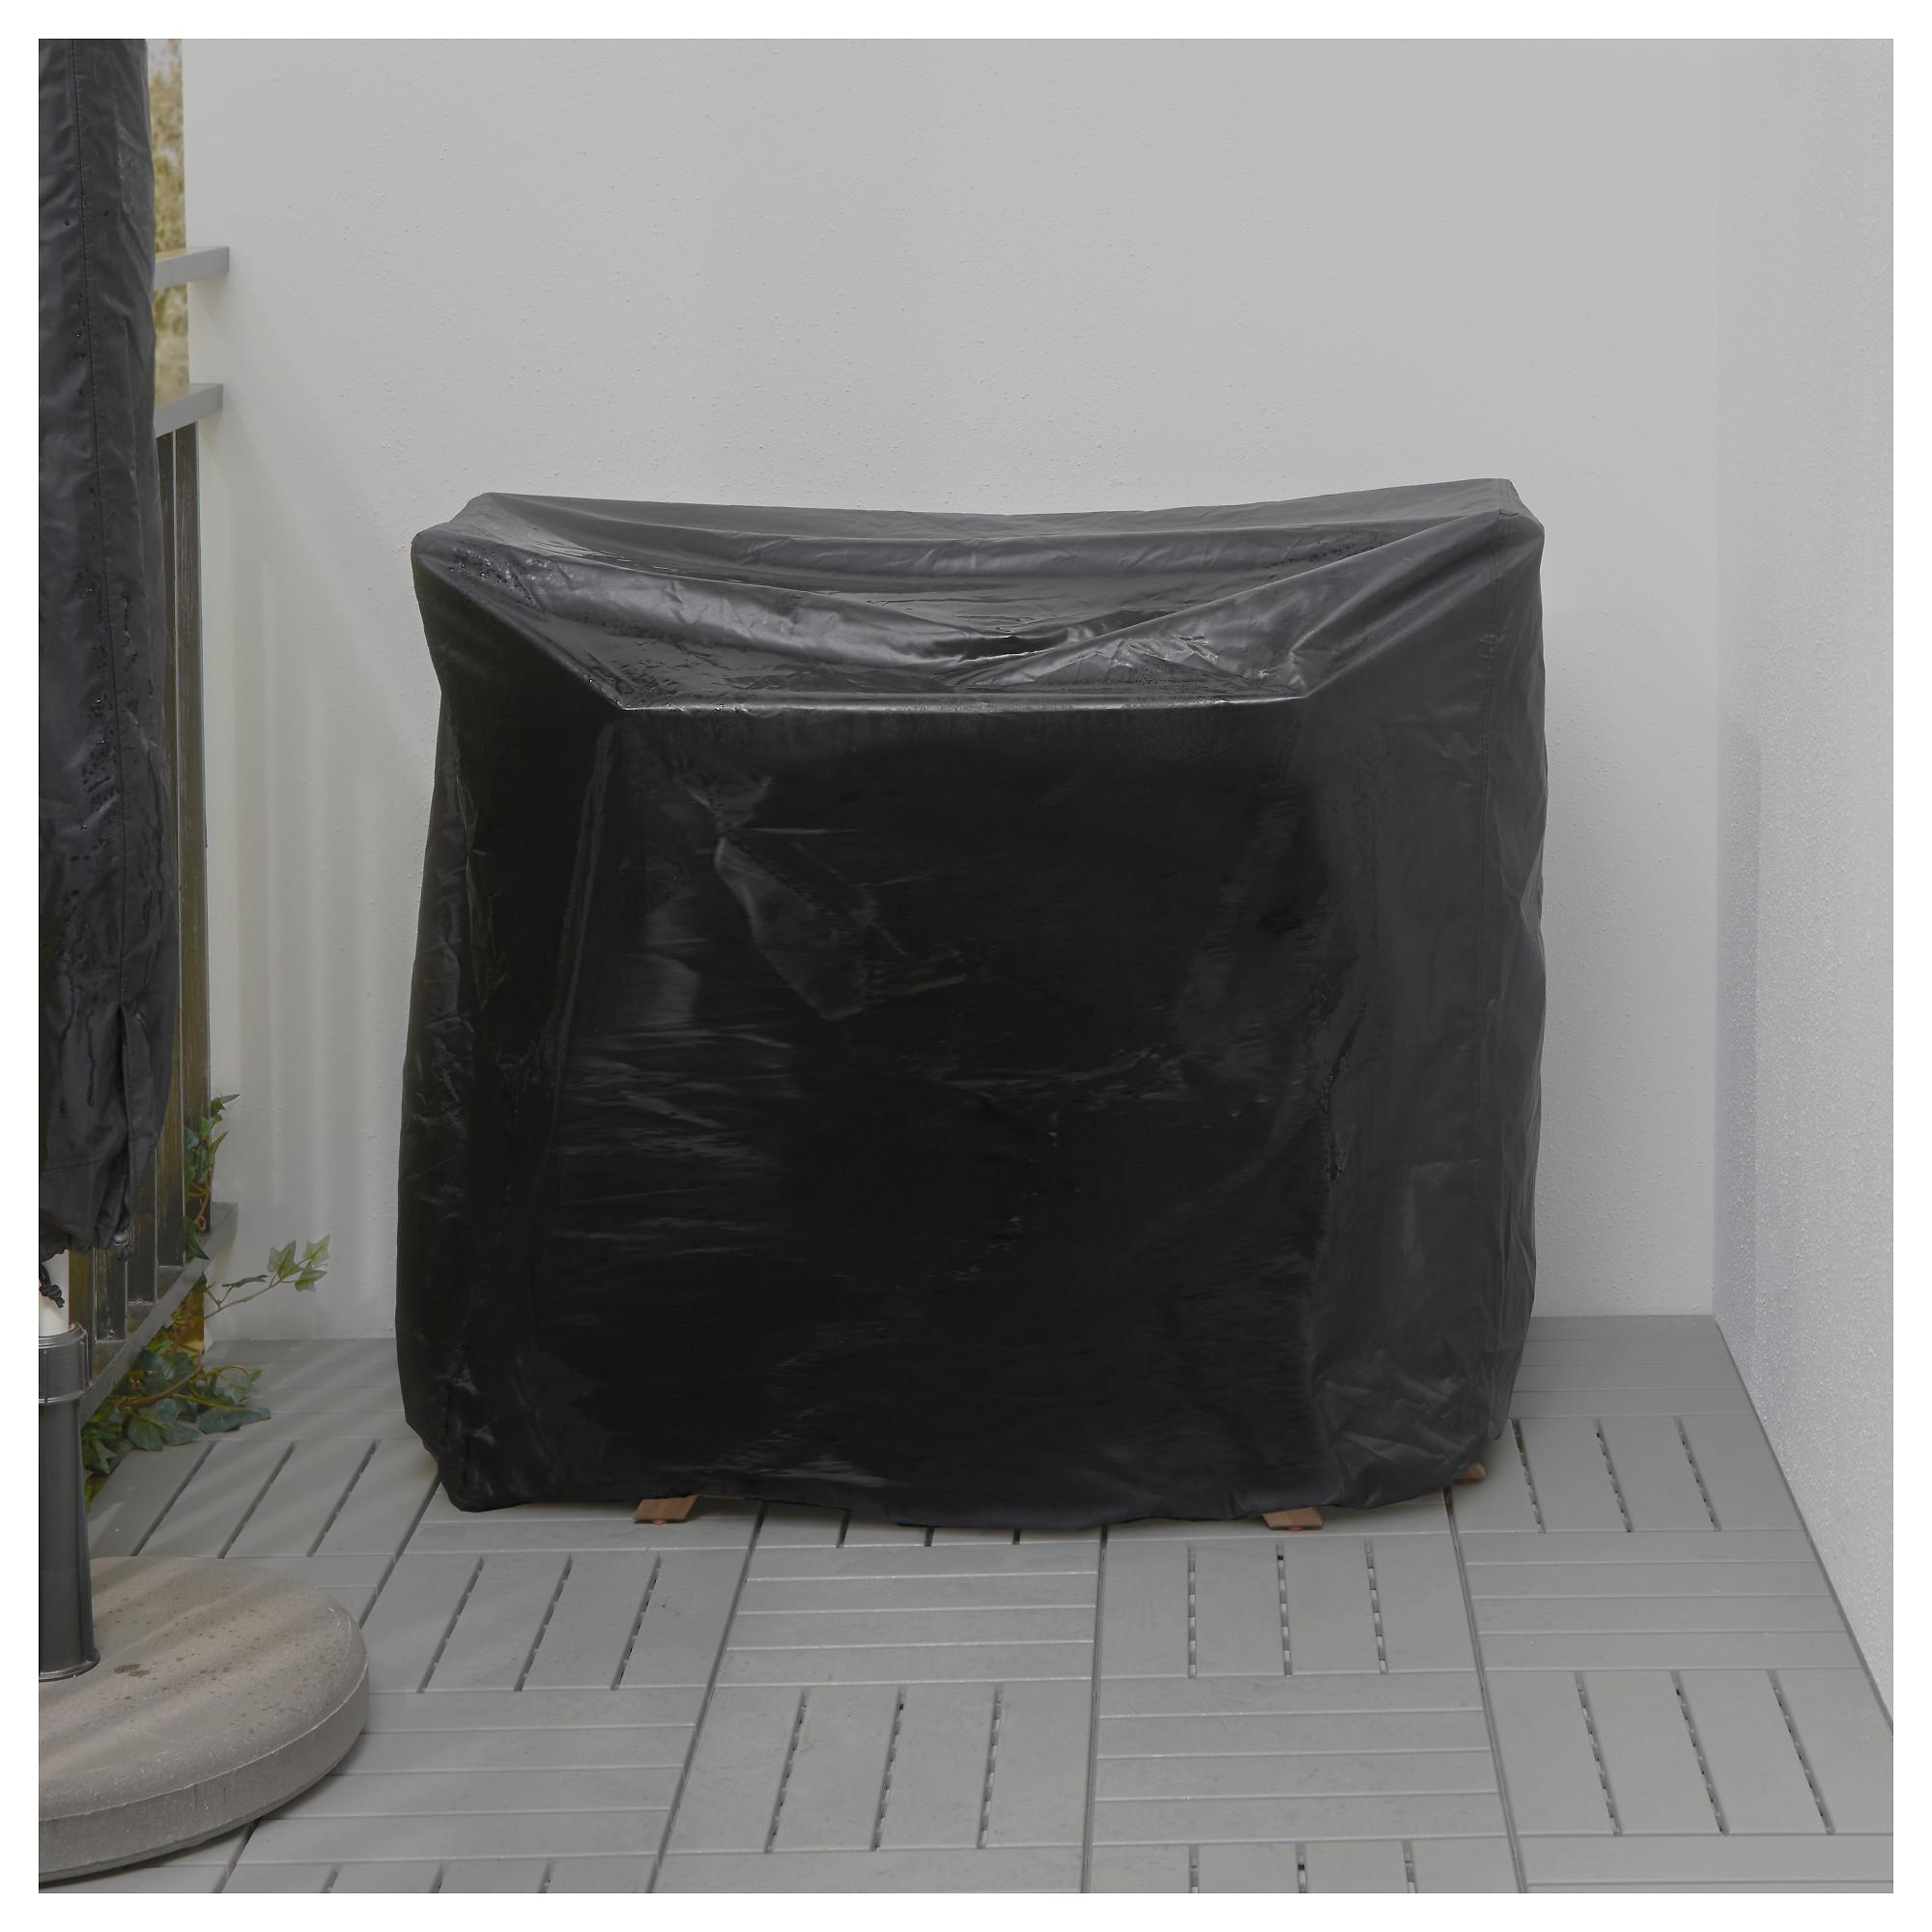 Стол + 2 складных стула для сада ЭПЛАРО артикуль № 392.289.26 в наличии. Онлайн магазин IKEA Беларусь. Быстрая доставка и установка.